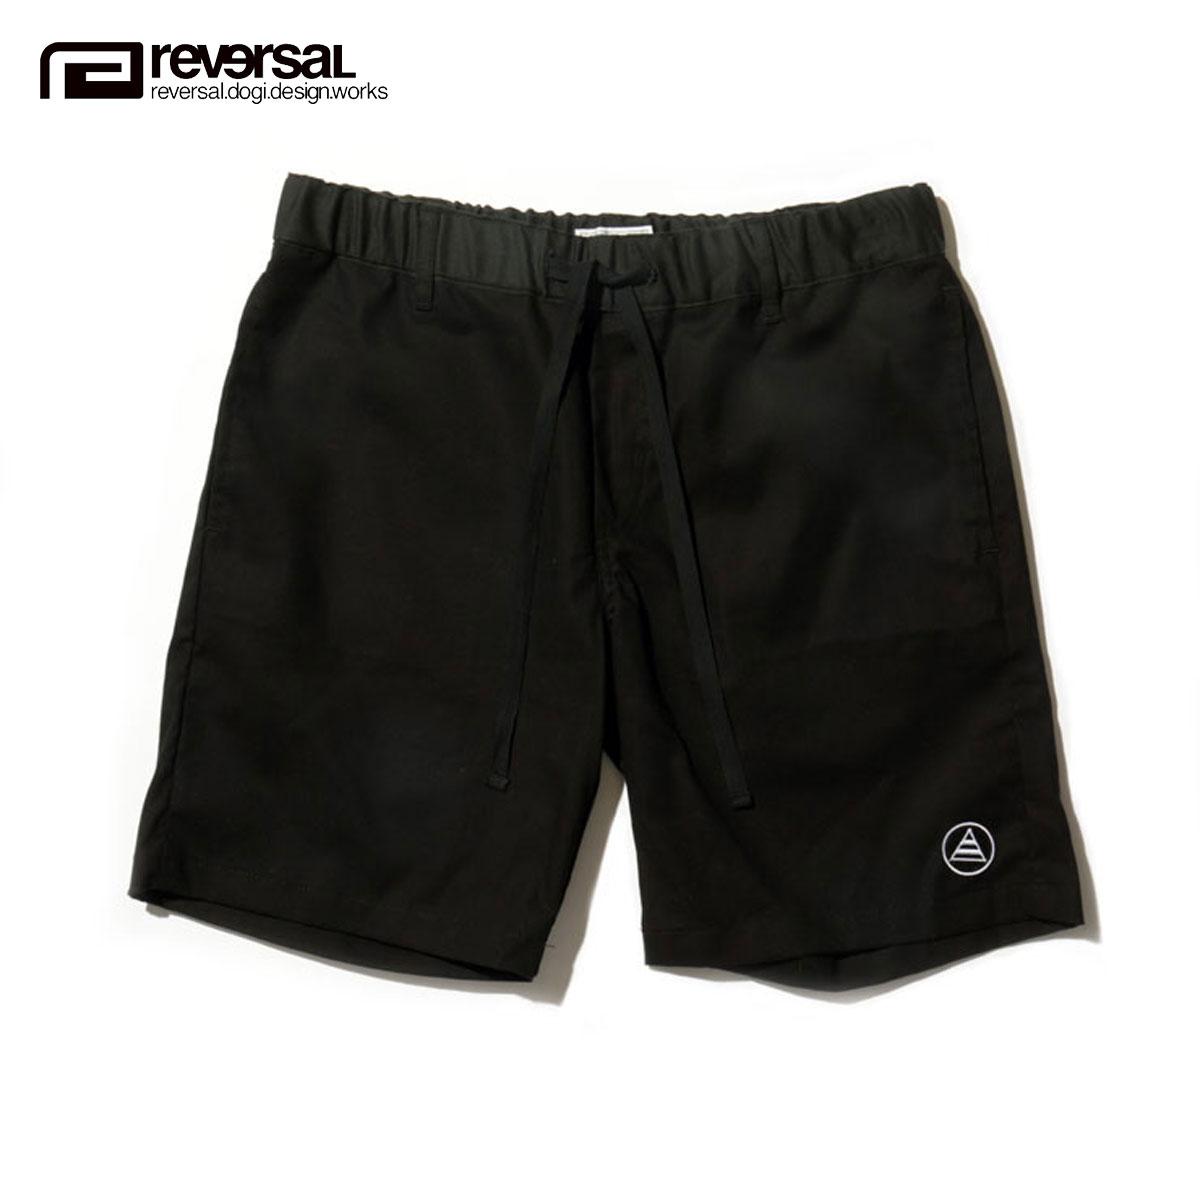 リバーサル REVERSAL 正規販売店 メンズ ショートパンツ PALM ALOHA SHORTS sf16ss009b SURF BLACK D00S15